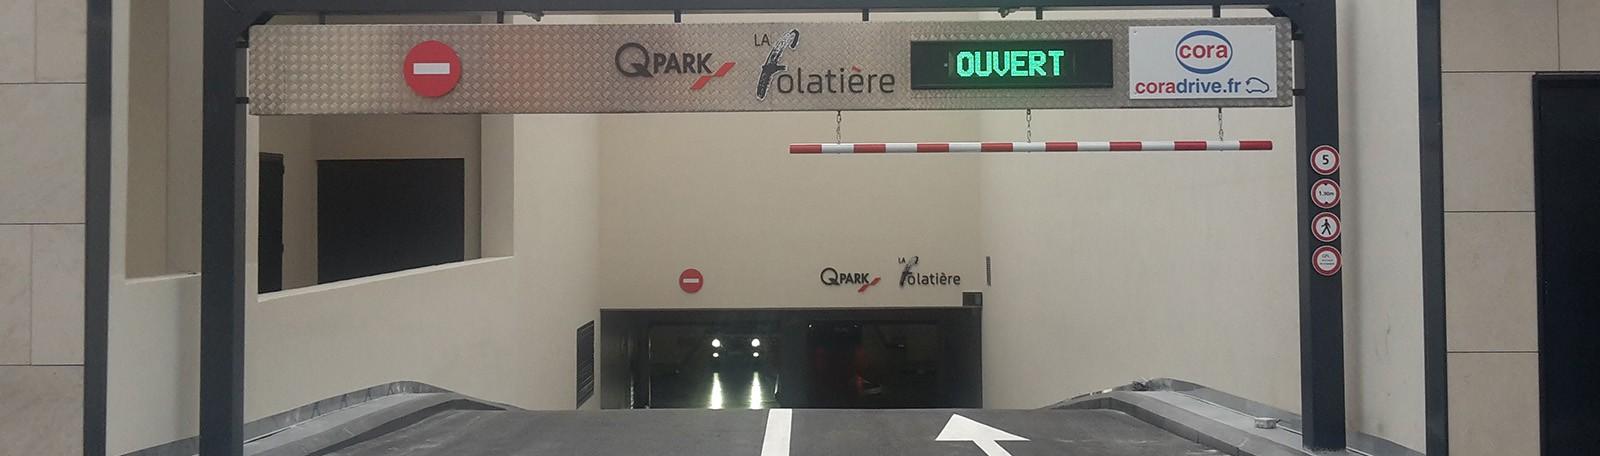 Q-Park La Folatière - 37 avenue Maréchal Leclerc 38300 Bourgoin-Jallieu